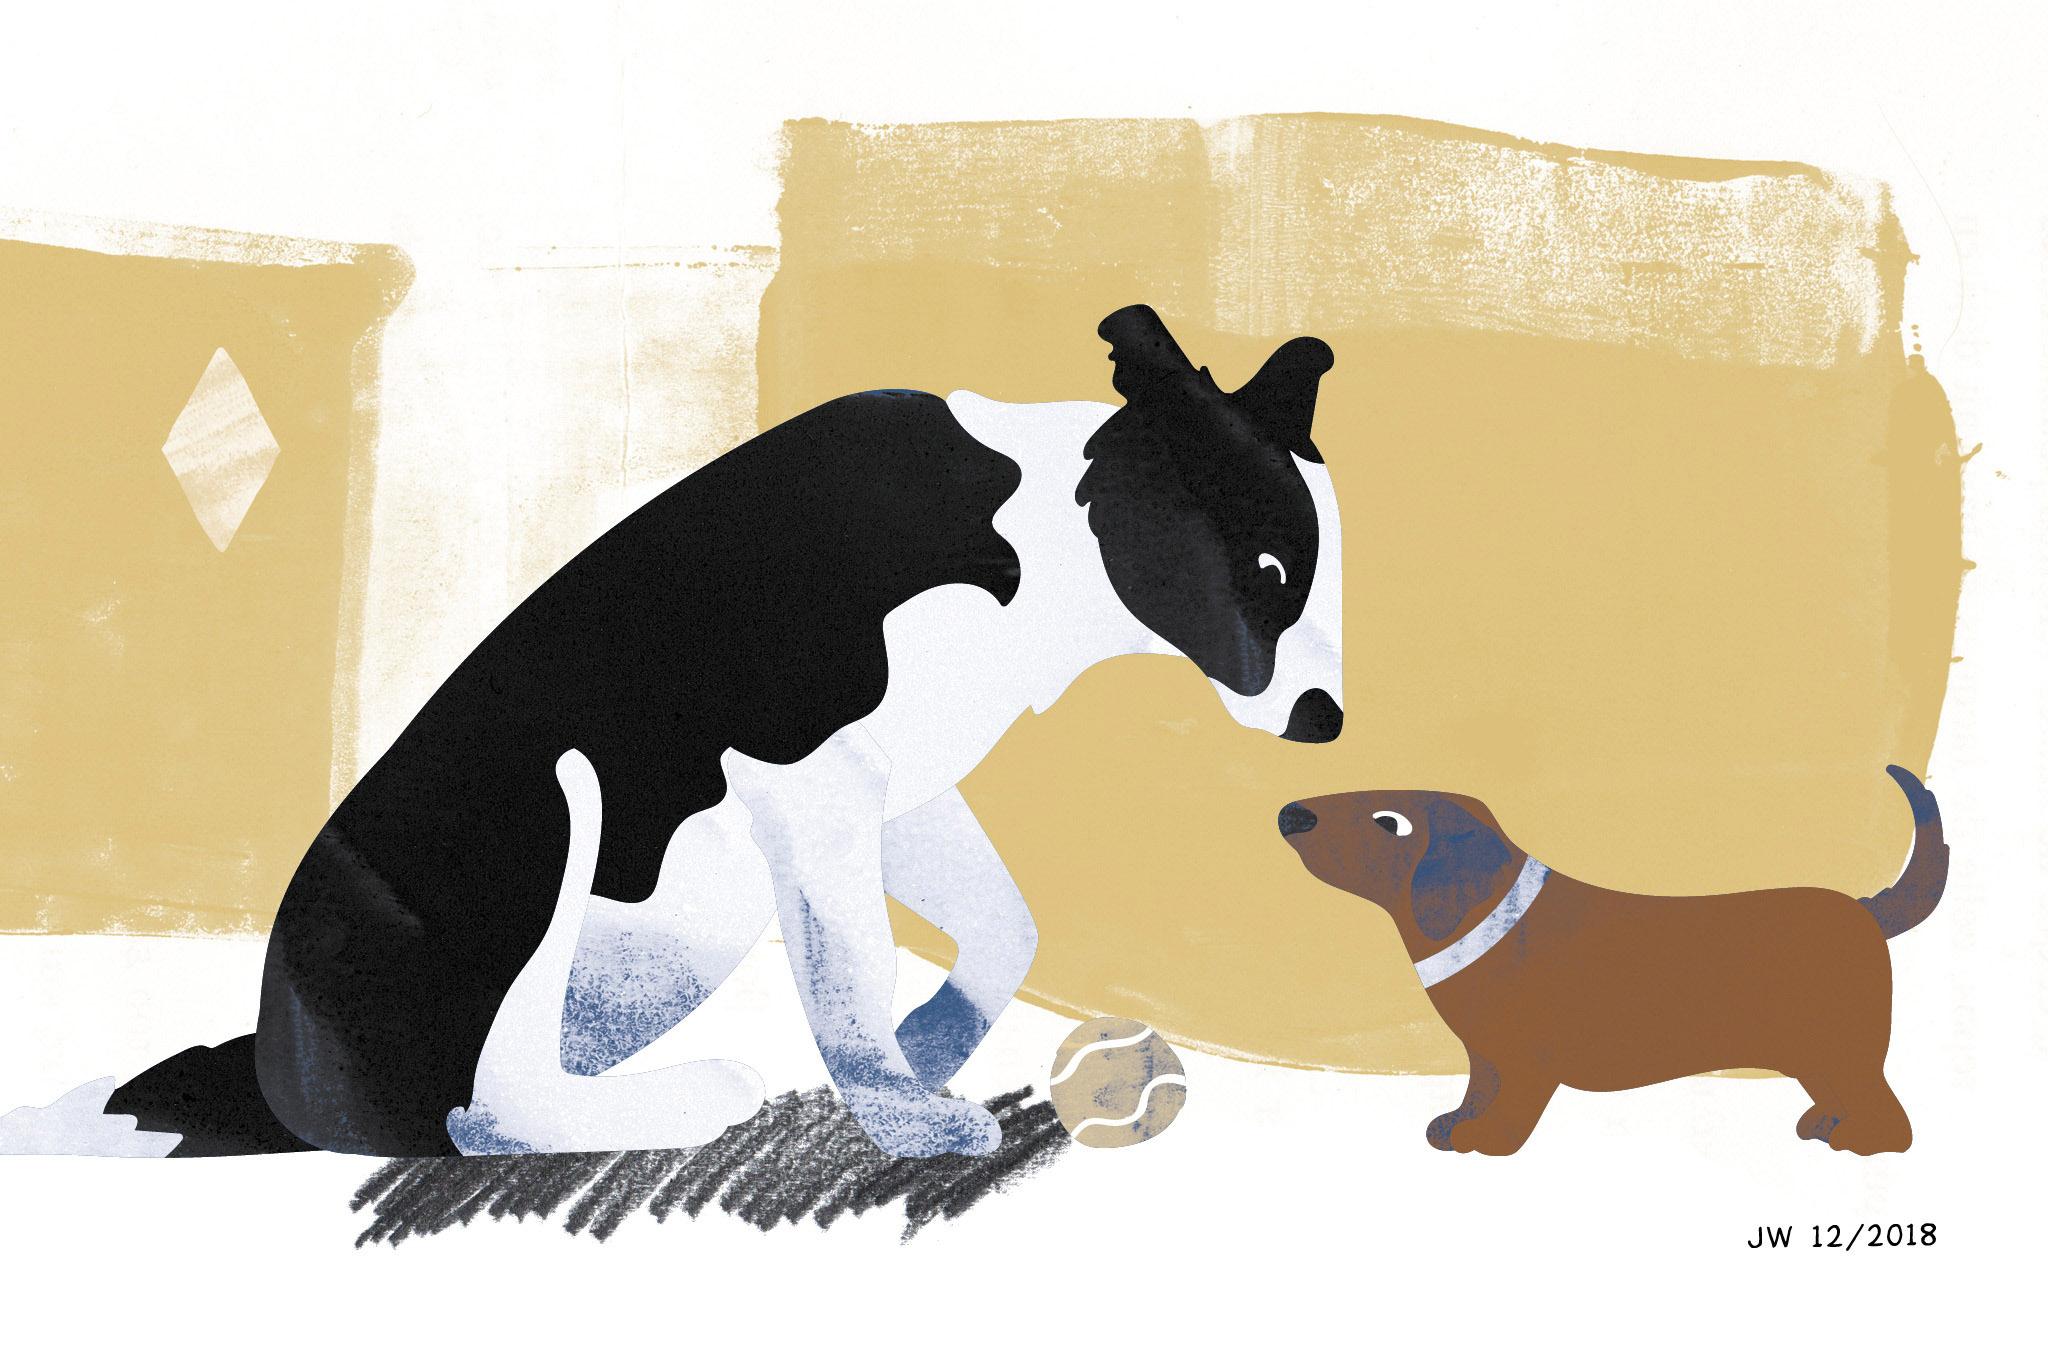 Hundeillustrationen (Border Collies) zu einer Weihnachtsgeschichte